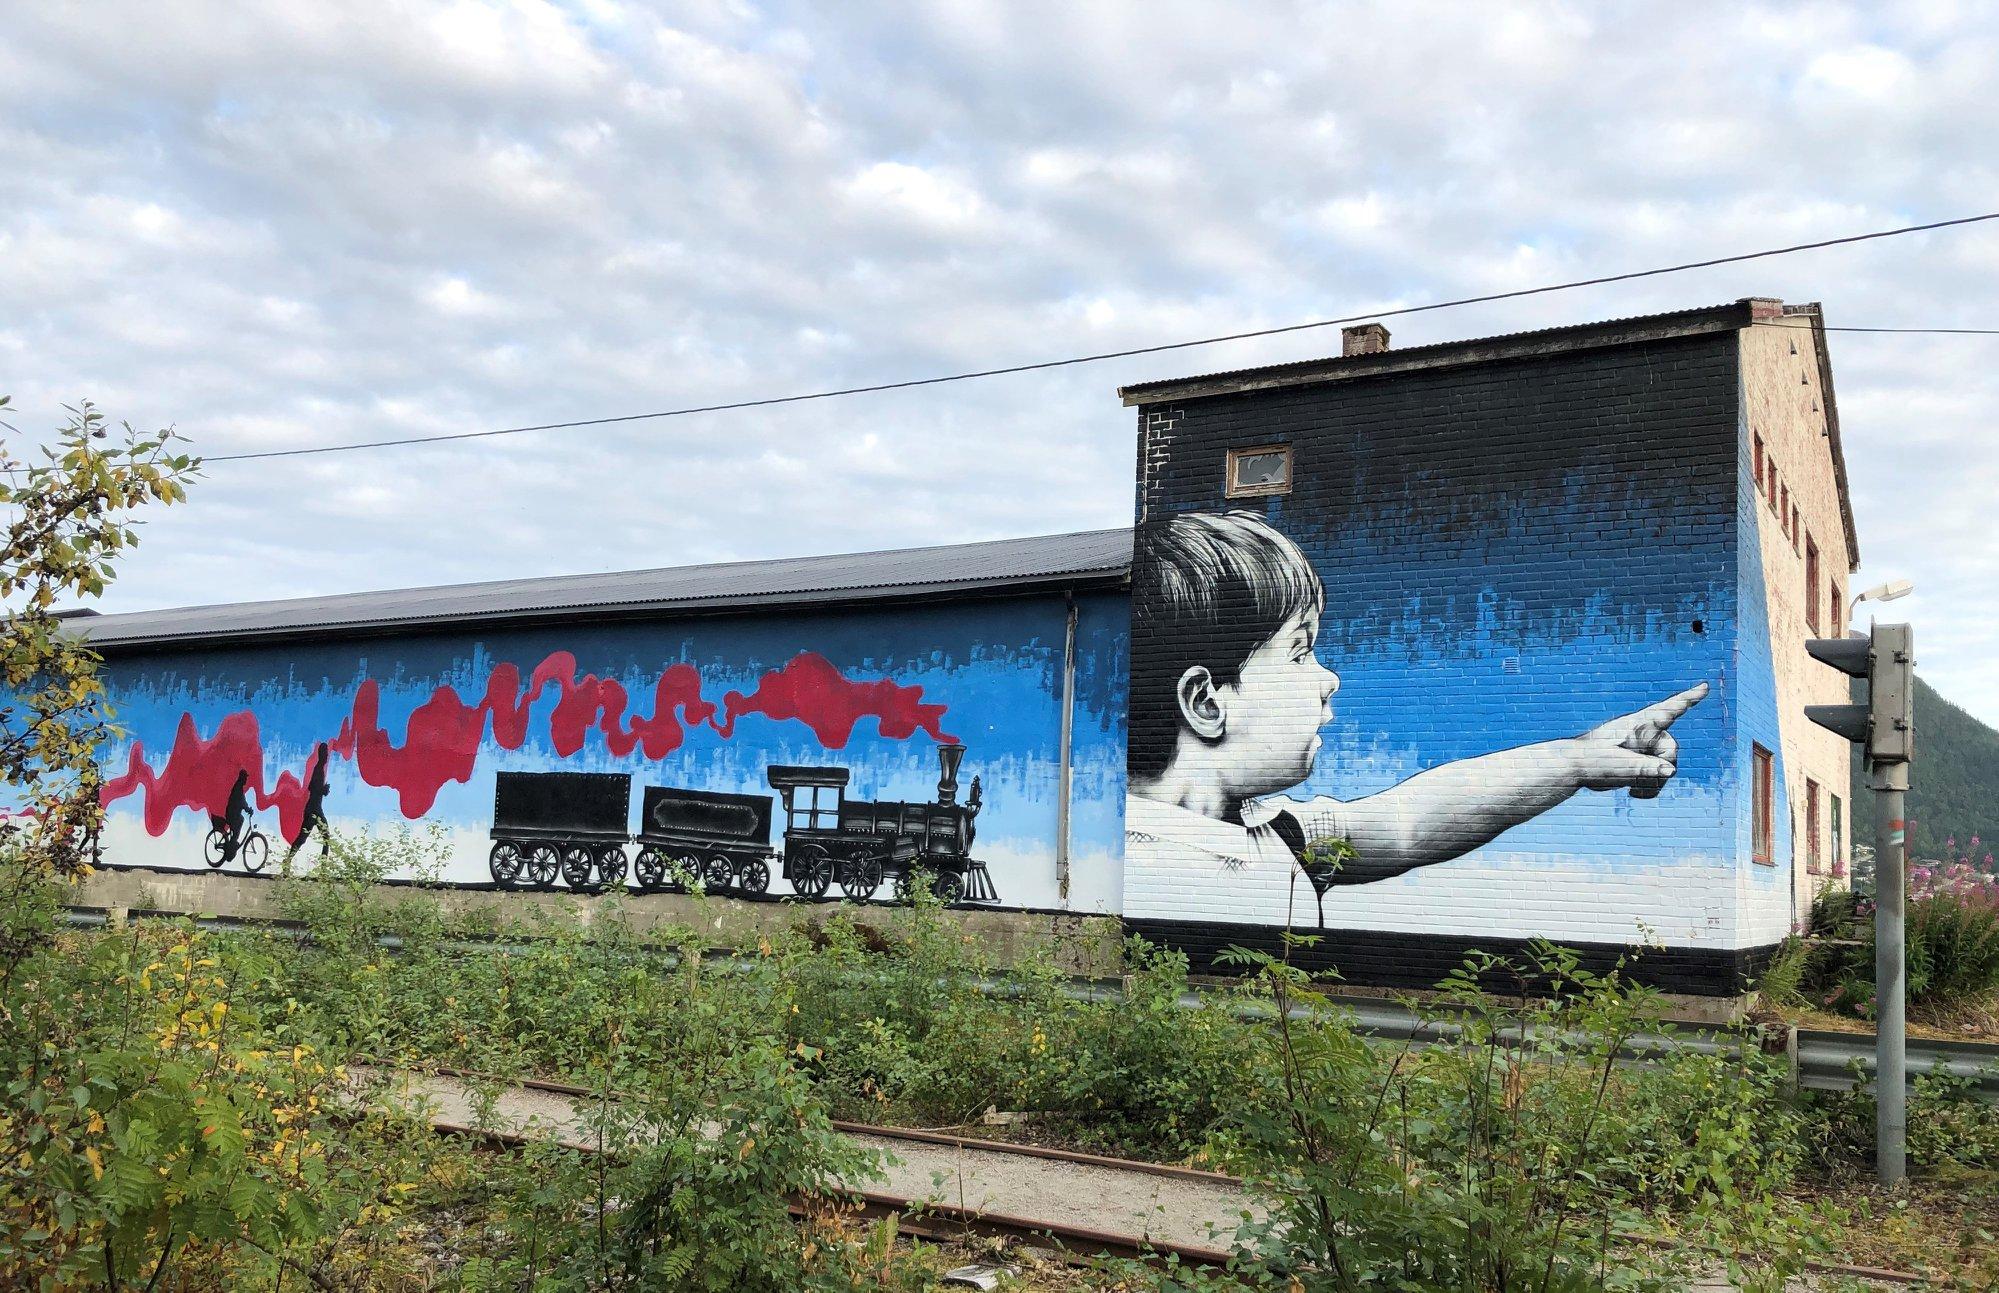 Kunstverk i Namsos, Togtraseen. Foto: Yvonne Antonsen